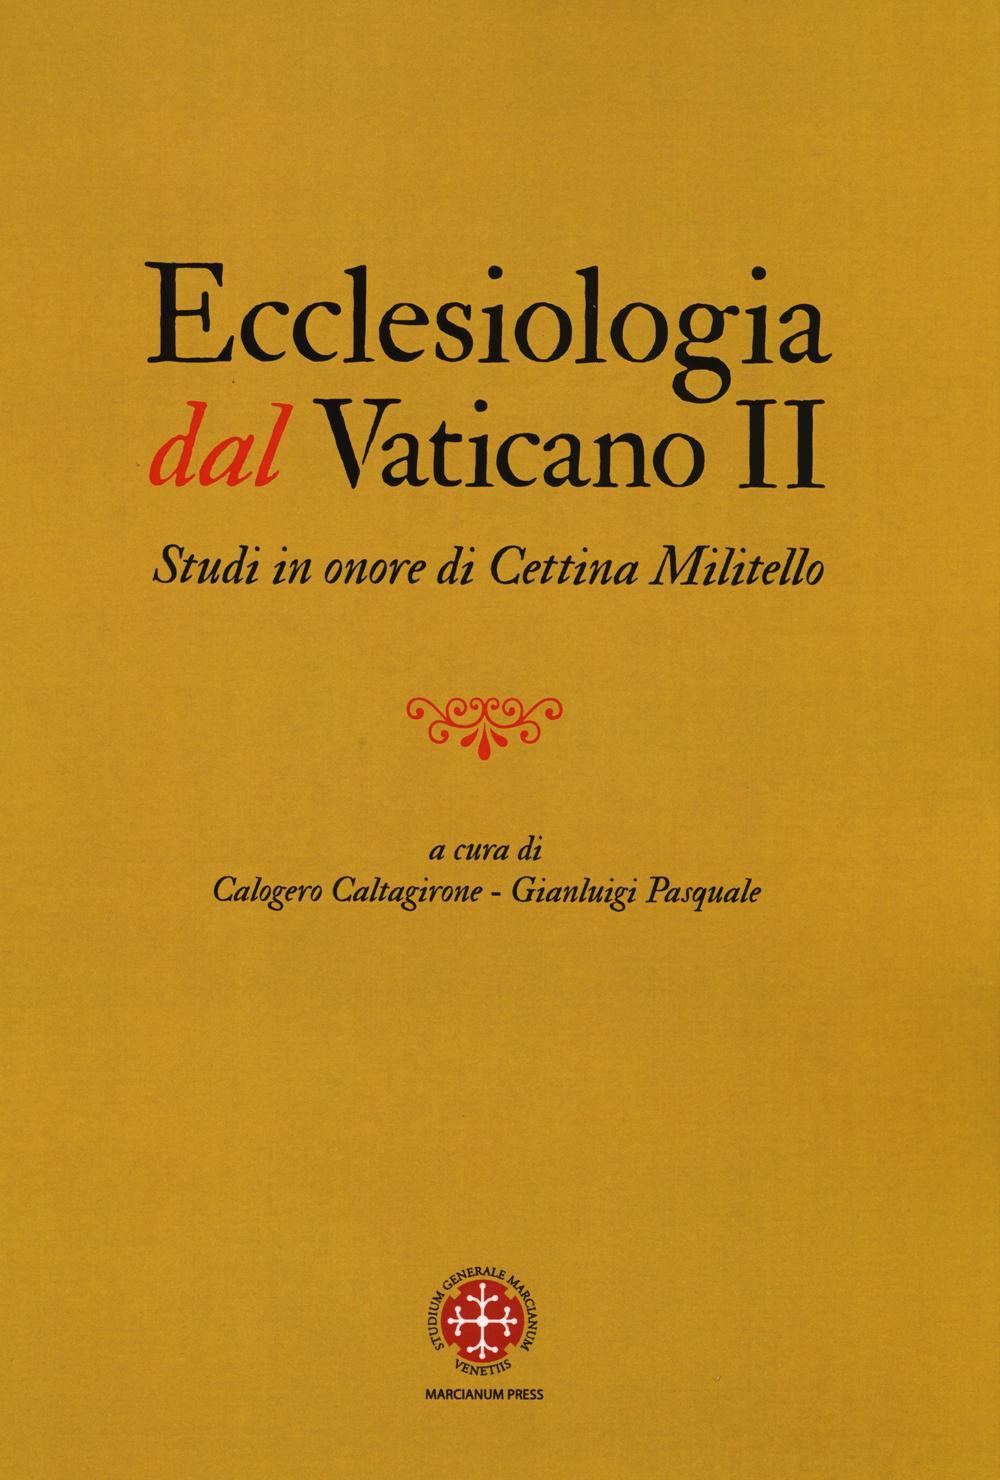 Ecclesiologia dal Vaticano II. Studi in onore di Cettina Militello